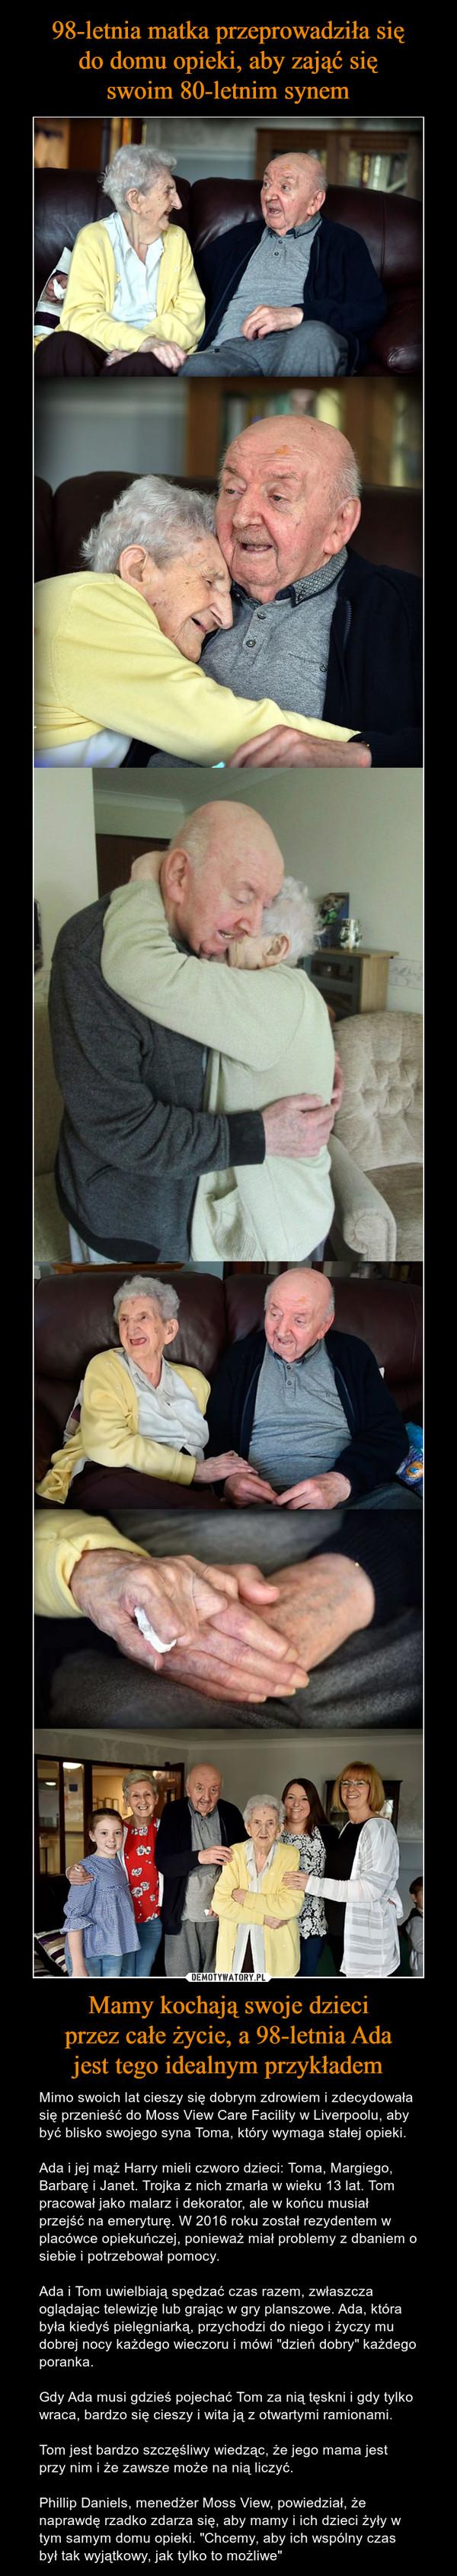 """Mamy kochają swoje dzieciprzez całe życie, a 98-letnia Adajest tego idealnym przykładem – Mimo swoich lat cieszy się dobrym zdrowiem i zdecydowała się przenieść do Moss View Care Facility w Liverpoolu, aby być blisko swojego syna Toma, który wymaga stałej opieki. Ada i jej mąż Harry mieli czworo dzieci: Toma, Margiego, Barbarę i Janet. Trojka z nich zmarła w wieku 13 lat. Tom pracował jako malarz i dekorator, ale w końcu musiał przejść na emeryturę. W 2016 roku został rezydentem w placówce opiekuńczej, ponieważ miał problemy z dbaniem o siebie i potrzebował pomocy.Ada i Tom uwielbiają spędzać czas razem, zwłaszcza oglądając telewizję lub grając w gry planszowe. Ada, która była kiedyś pielęgniarką, przychodzi do niego i życzy mu dobrej nocy każdego wieczoru i mówi """"dzień dobry"""" każdego poranka. Gdy Ada musi gdzieś pojechać Tom za nią tęskni i gdy tylko wraca, bardzo się cieszy i wita ją z otwartymi ramionami.Tom jest bardzo szczęśliwy wiedząc, że jego mama jest przy nim i że zawsze może na nią liczyć. Phillip Daniels, menedżer Moss View, powiedział, że naprawdę rzadko zdarza się, aby mamy i ich dzieci żyły w tym samym domu opieki. """"Chcemy, aby ich wspólny czas był tak wyjątkowy, jak tylko to możliwe"""""""